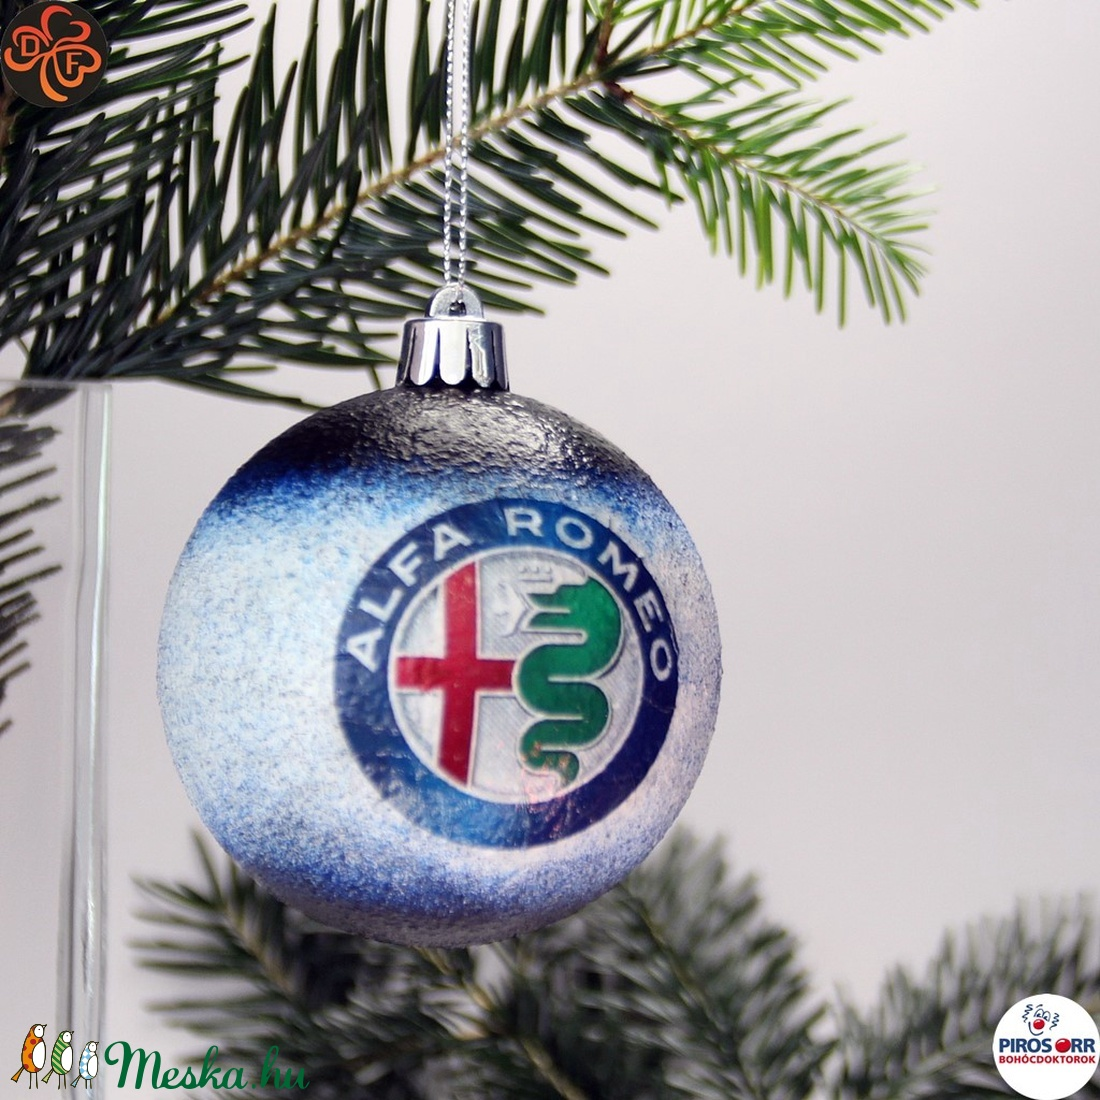 Karácsonyfadísz Alfa Romeo ; Ajándék férfi, fiú, barát Alfa Romeo rajongók részére (decorfantasy) - Meska.hu